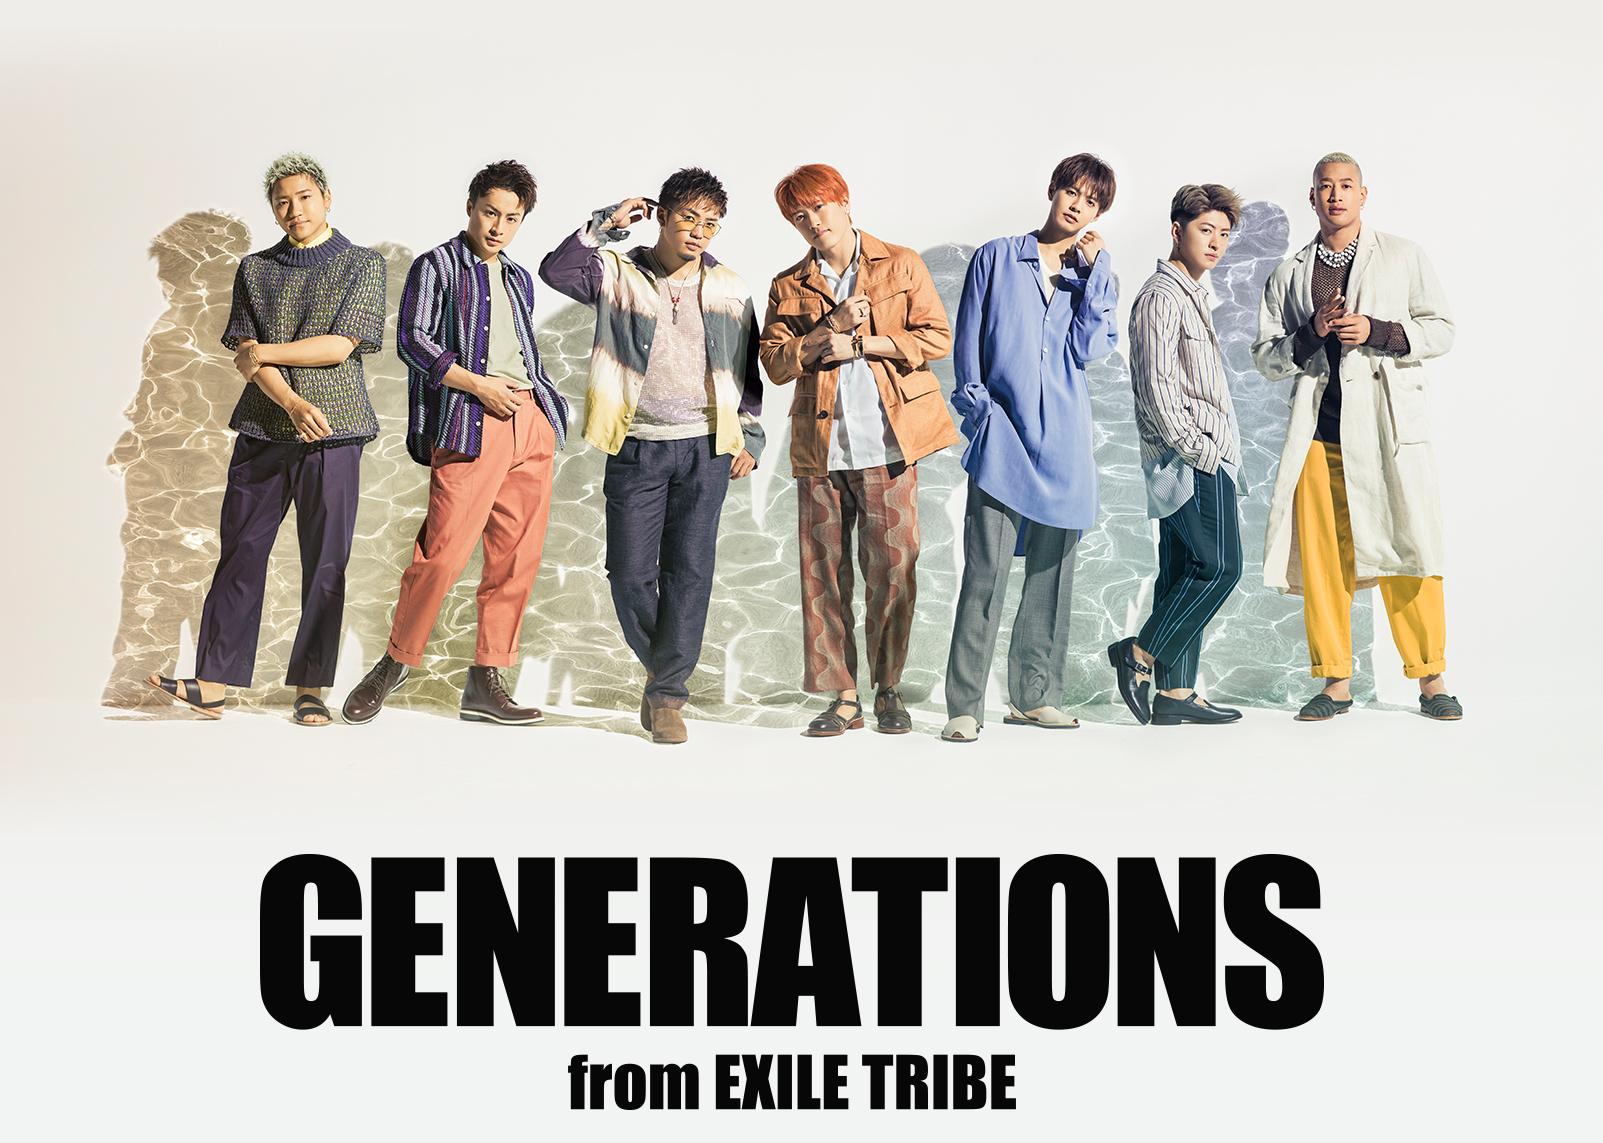 Best 50 Generations 壁紙 Pc Gazo